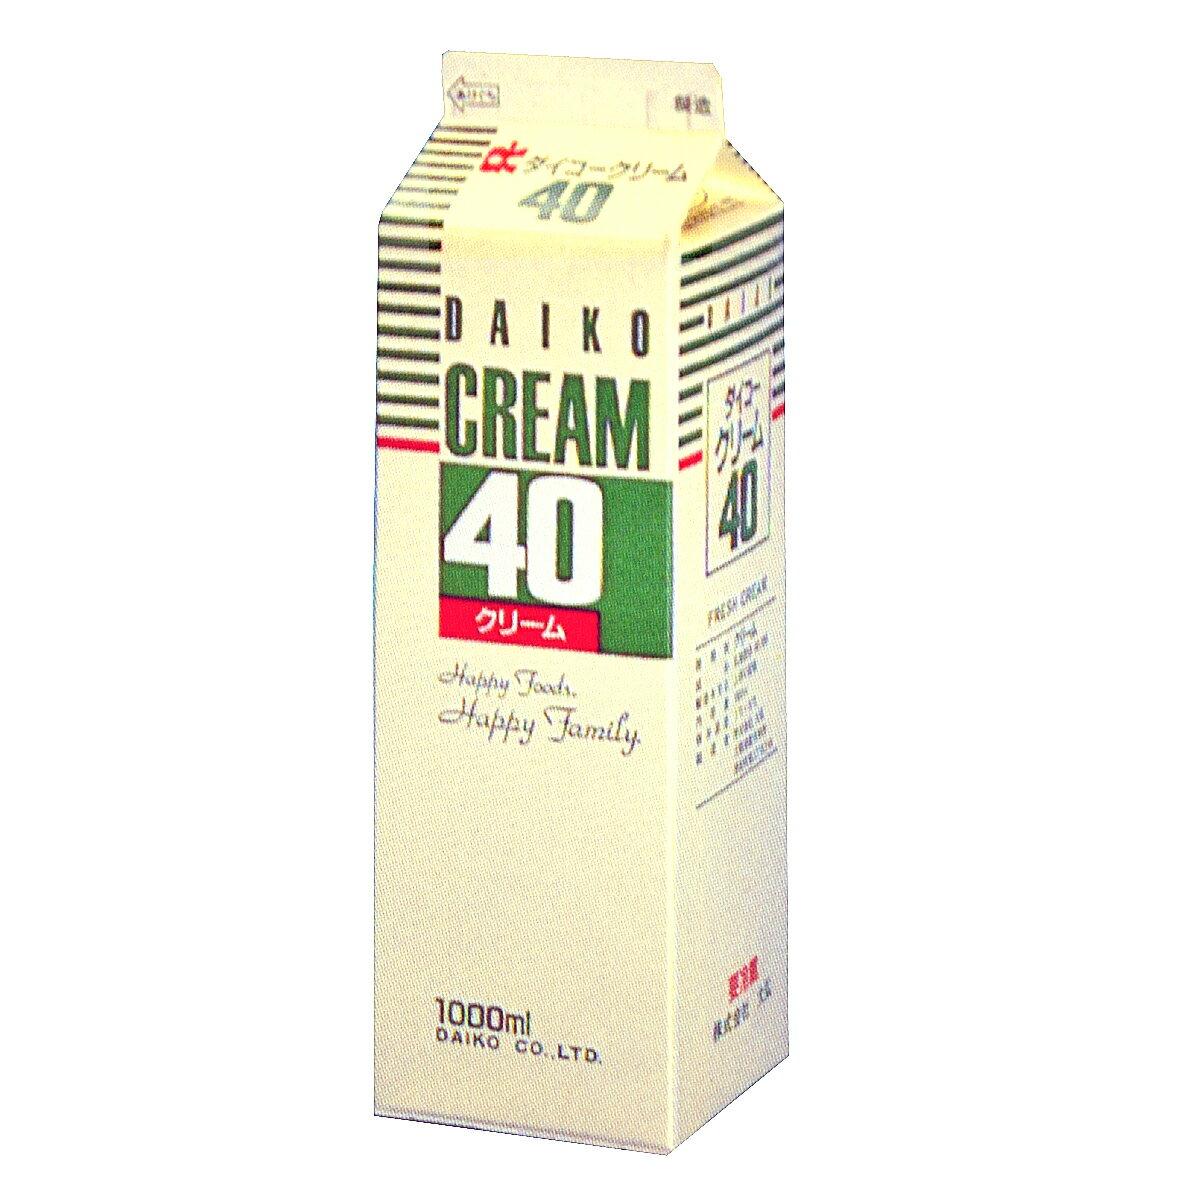 【注文後取り寄せ商品】【生クリーム】ダイコークリーム40(乳脂肪分40%) 1L